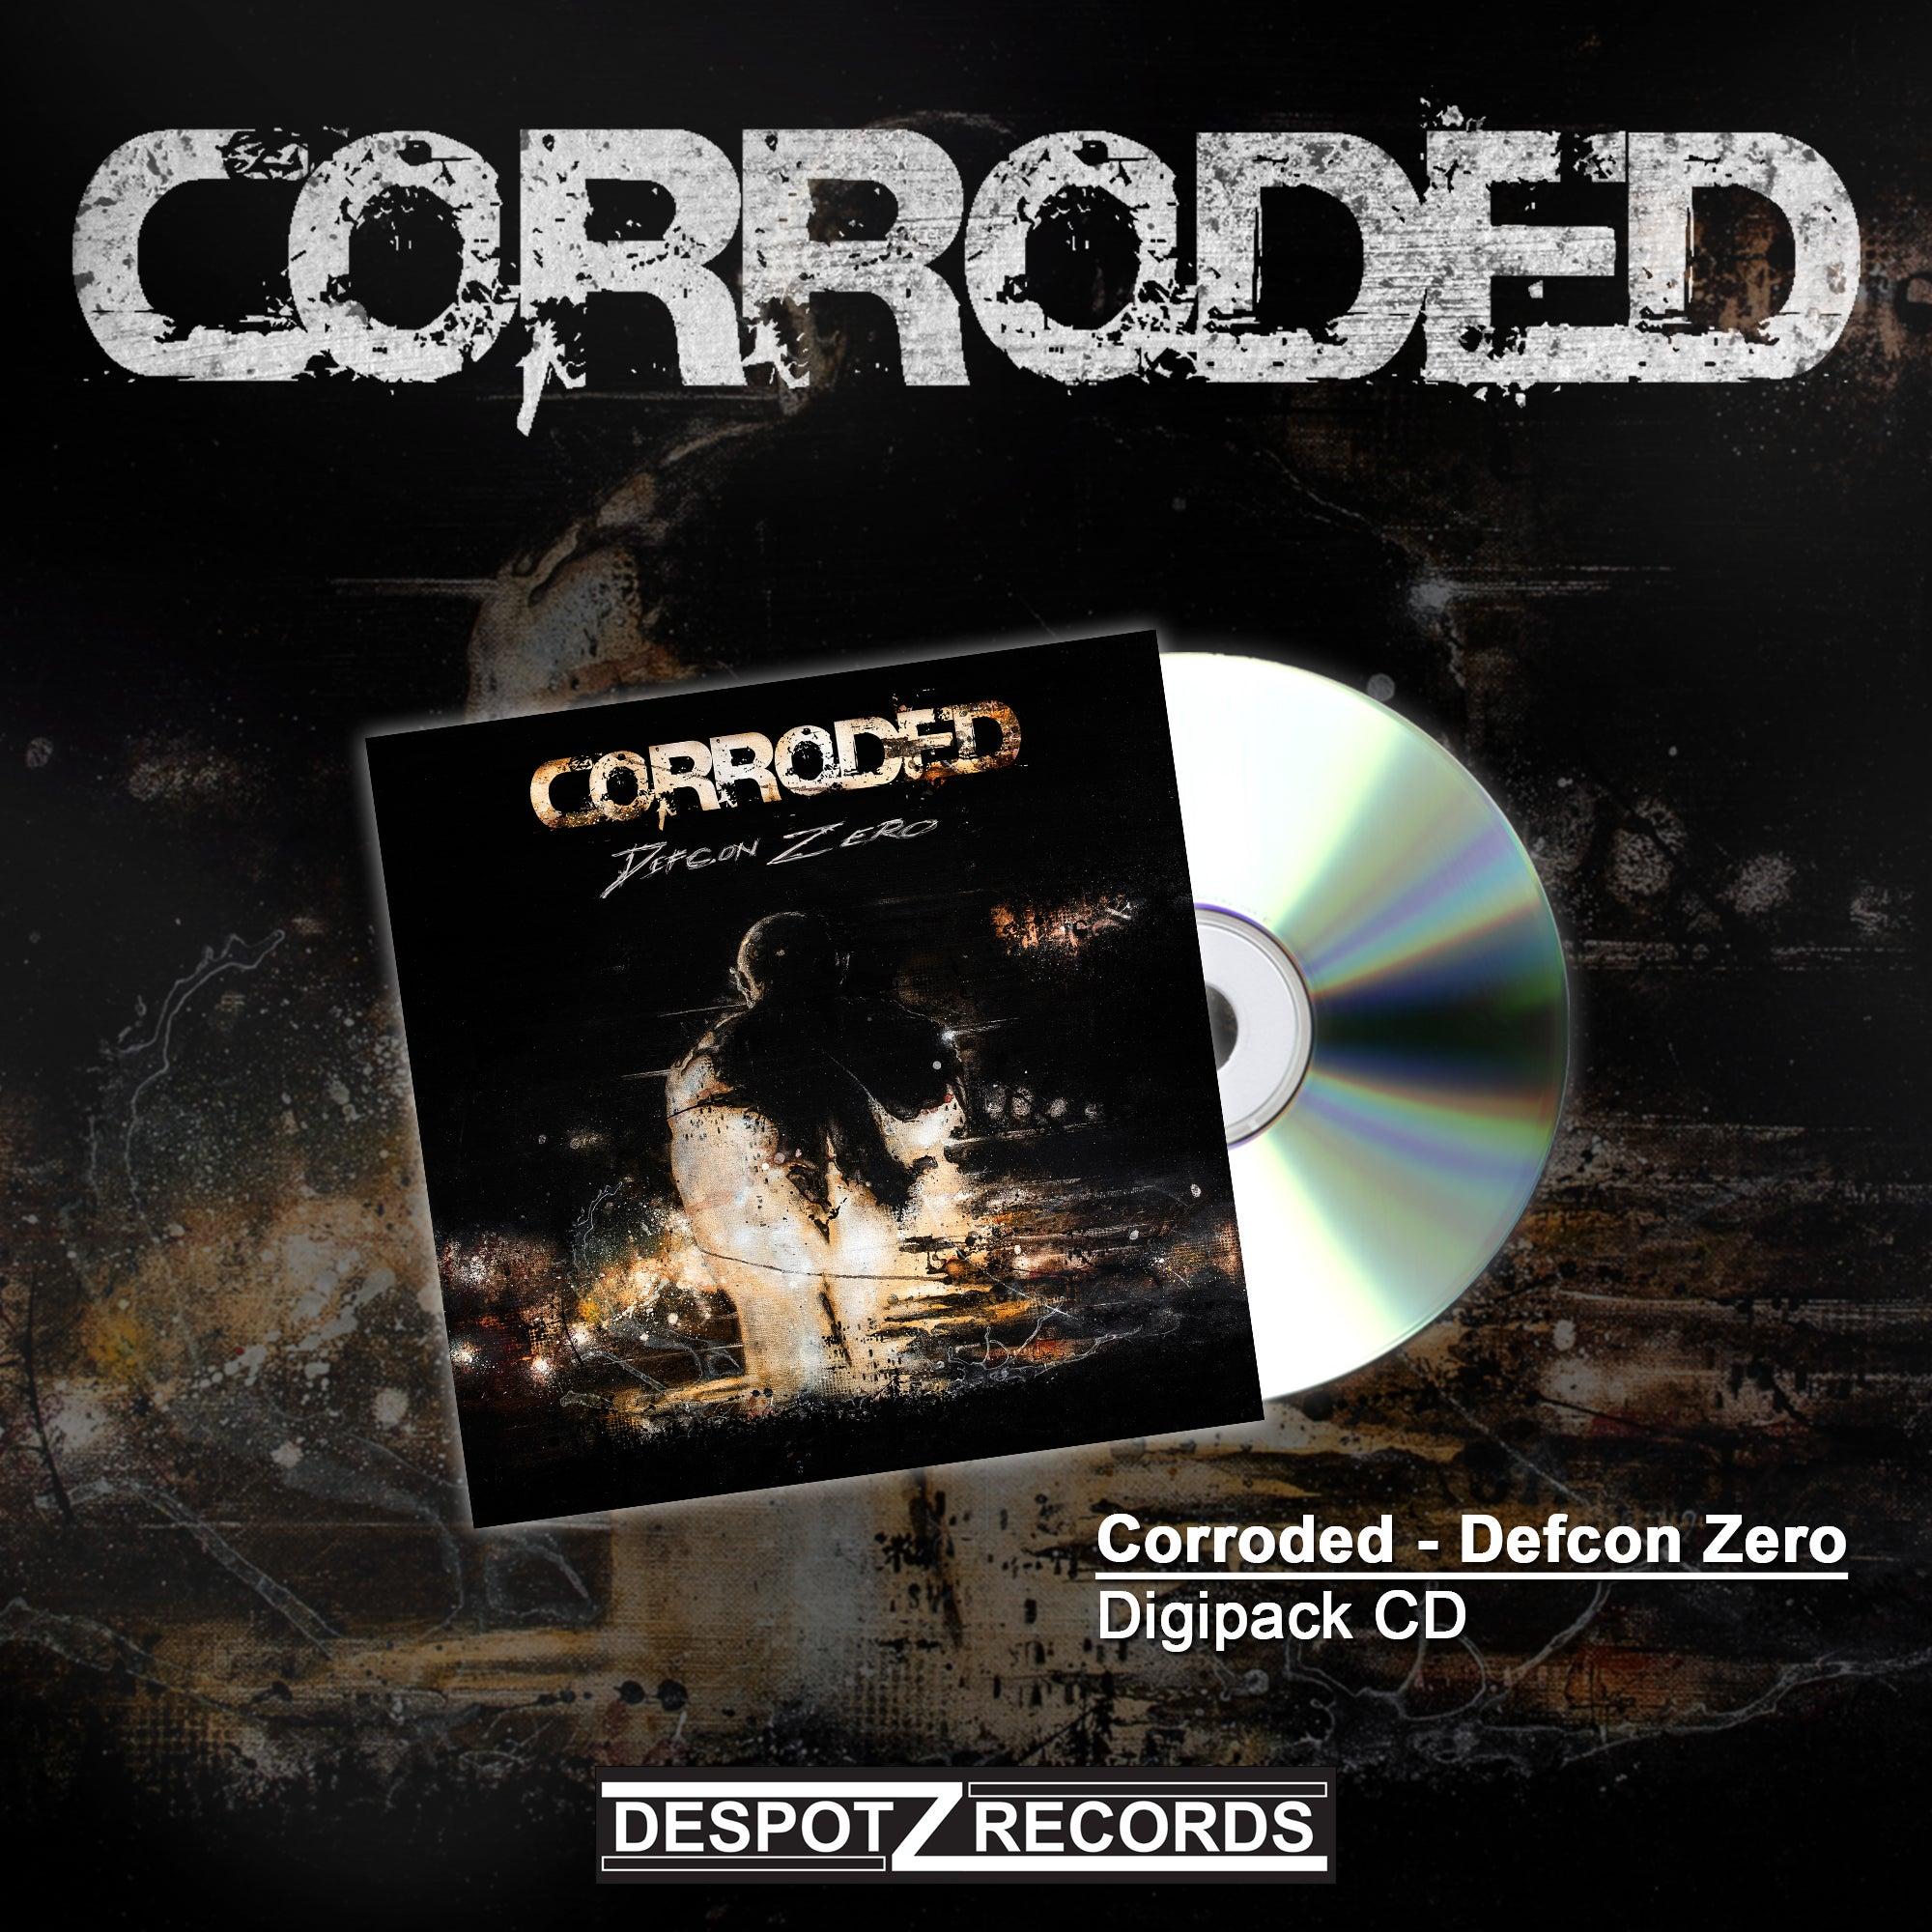 Defcon 0 Corroded - Defcon Zero...